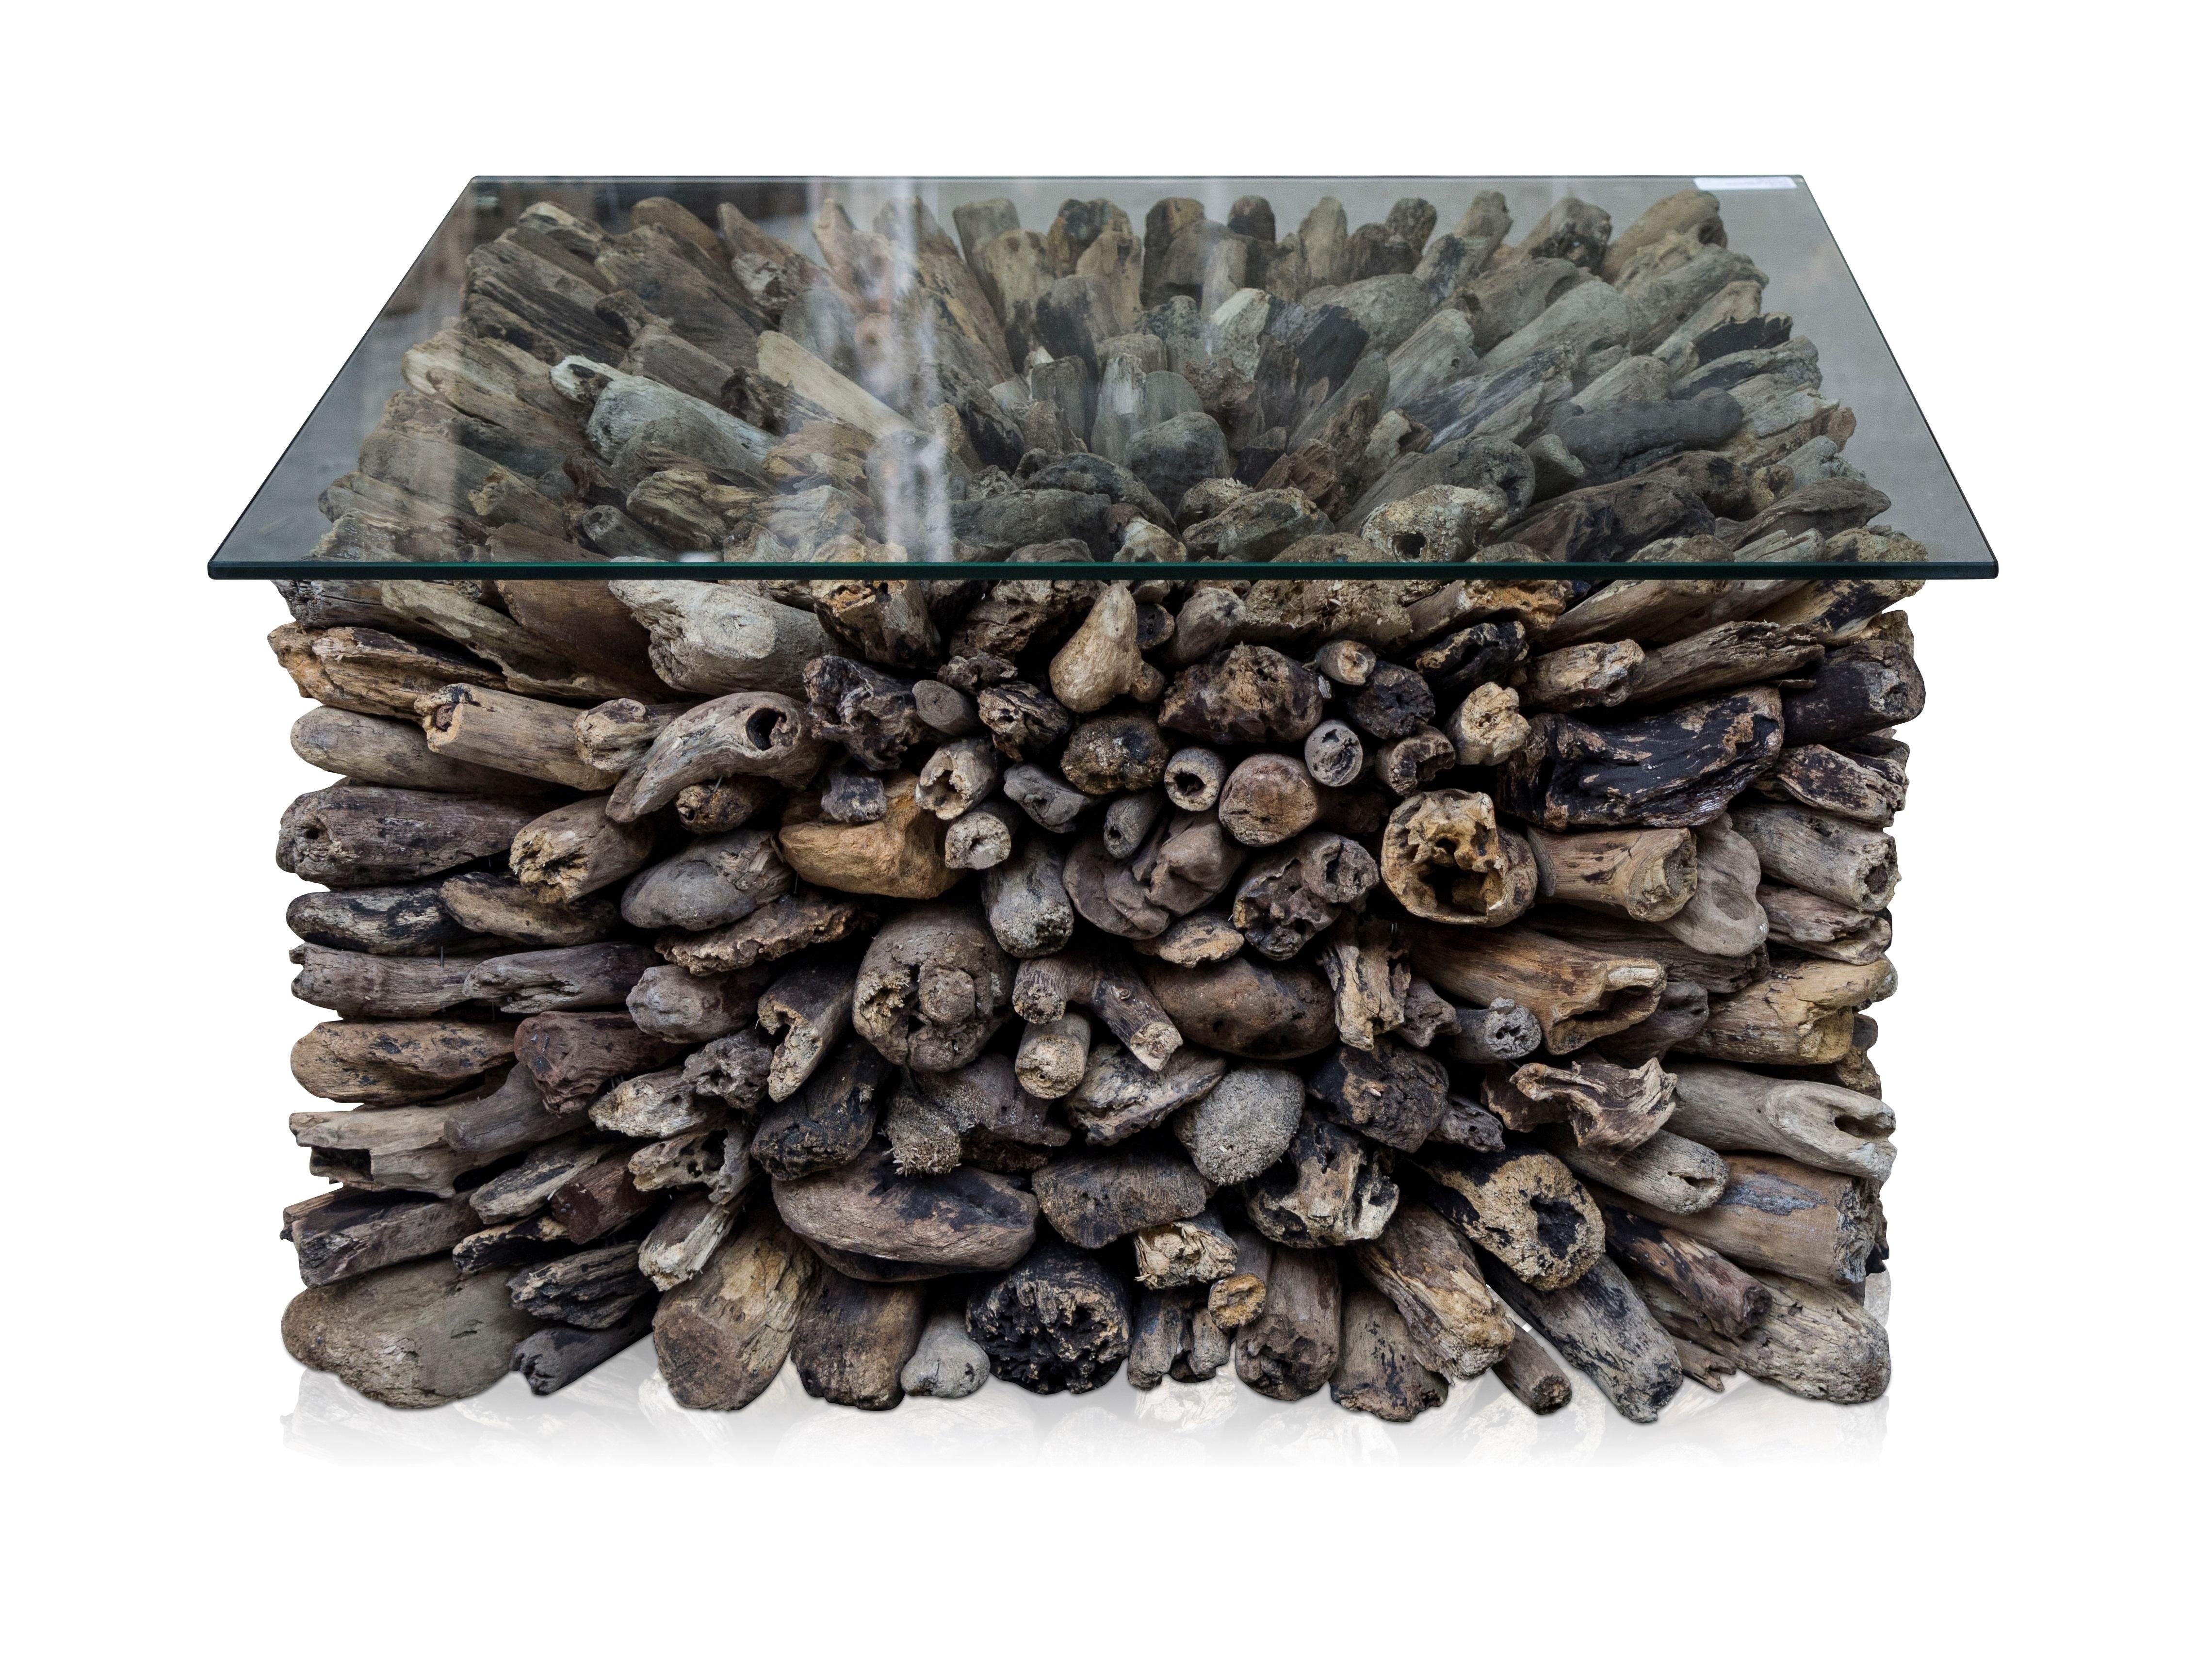 Столик DriftwoodКофейные столики<br>Столик кофейный из старых затопленых веток, столешница из стекла. Сборка не требуется.<br><br>Material: Стекло<br>Width см: 75<br>Depth см: 40<br>Height см: 75